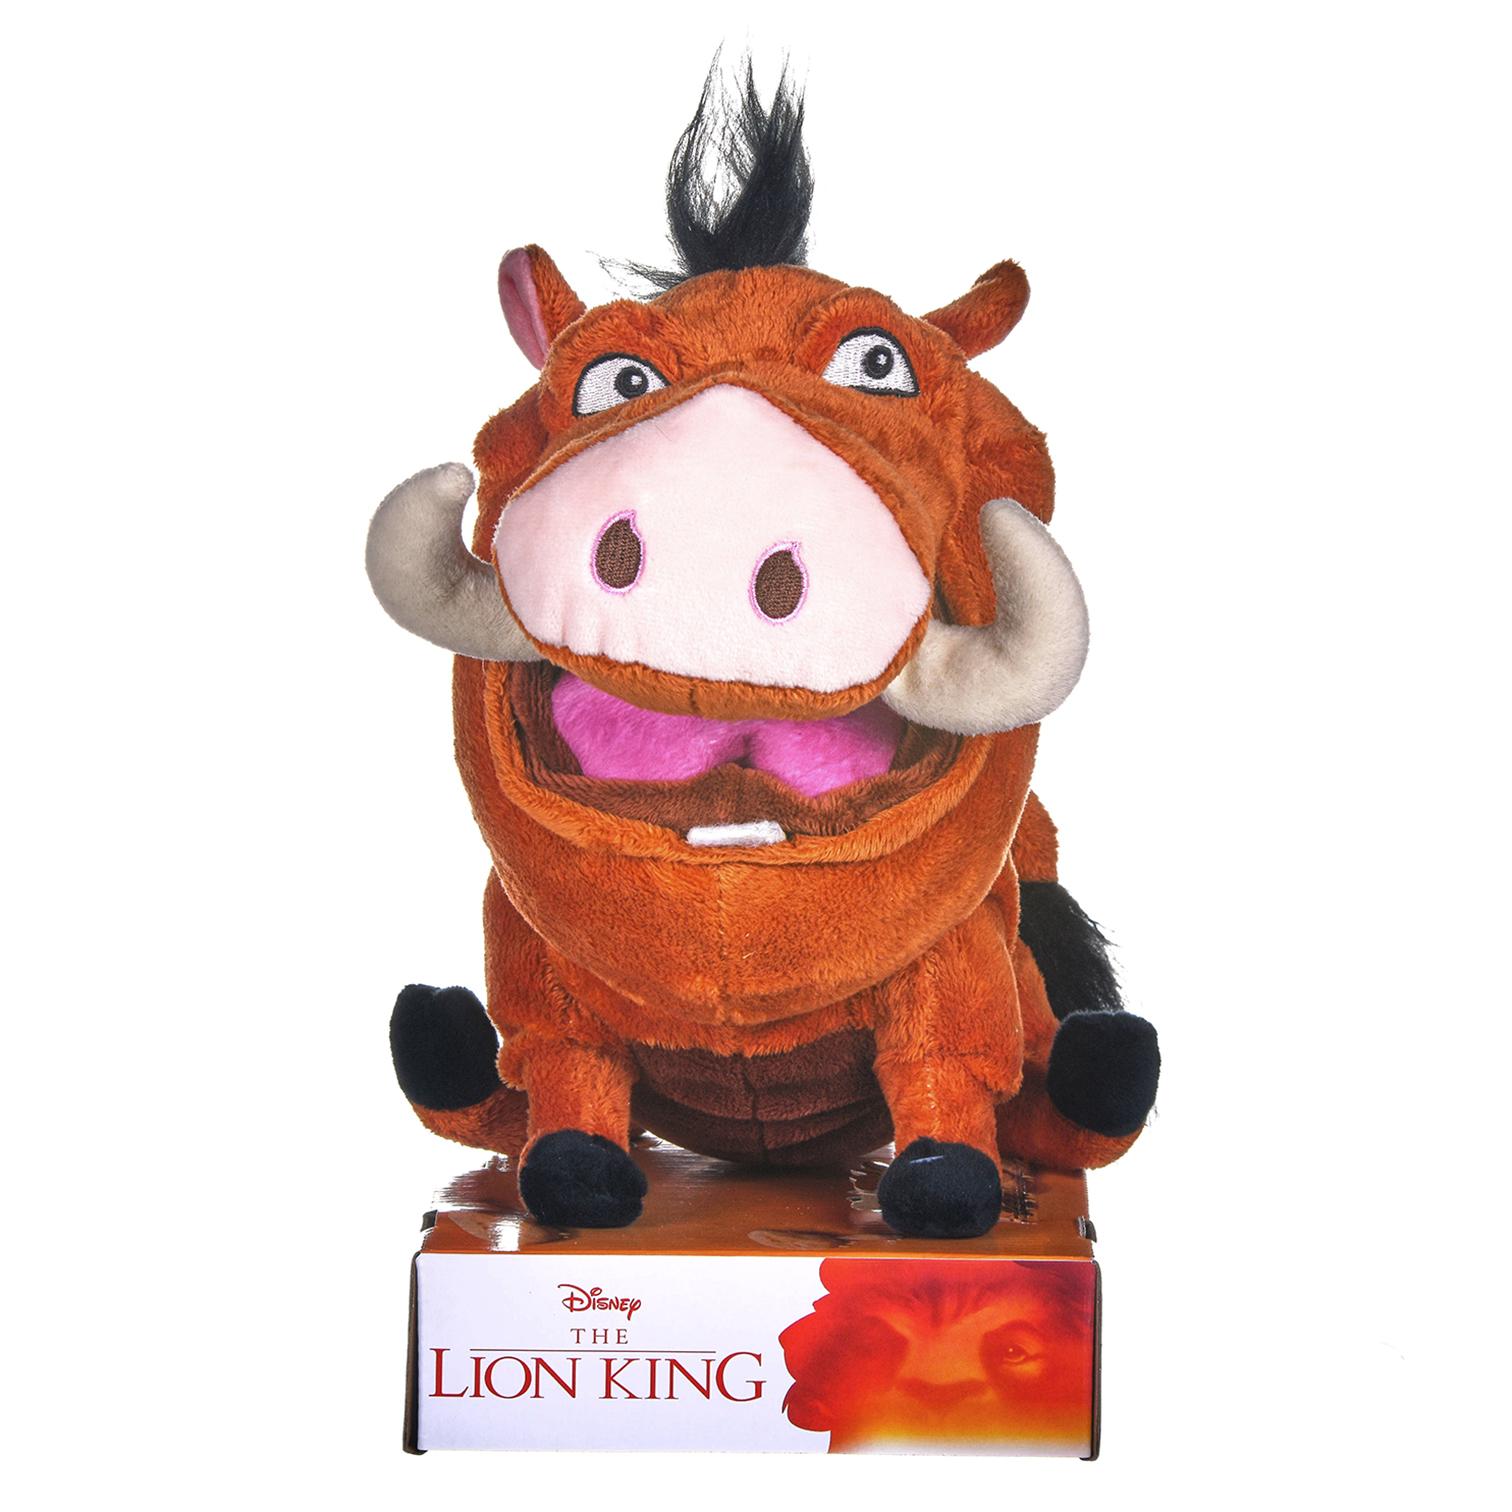 Disney The Lion King Farting Pumba Plush